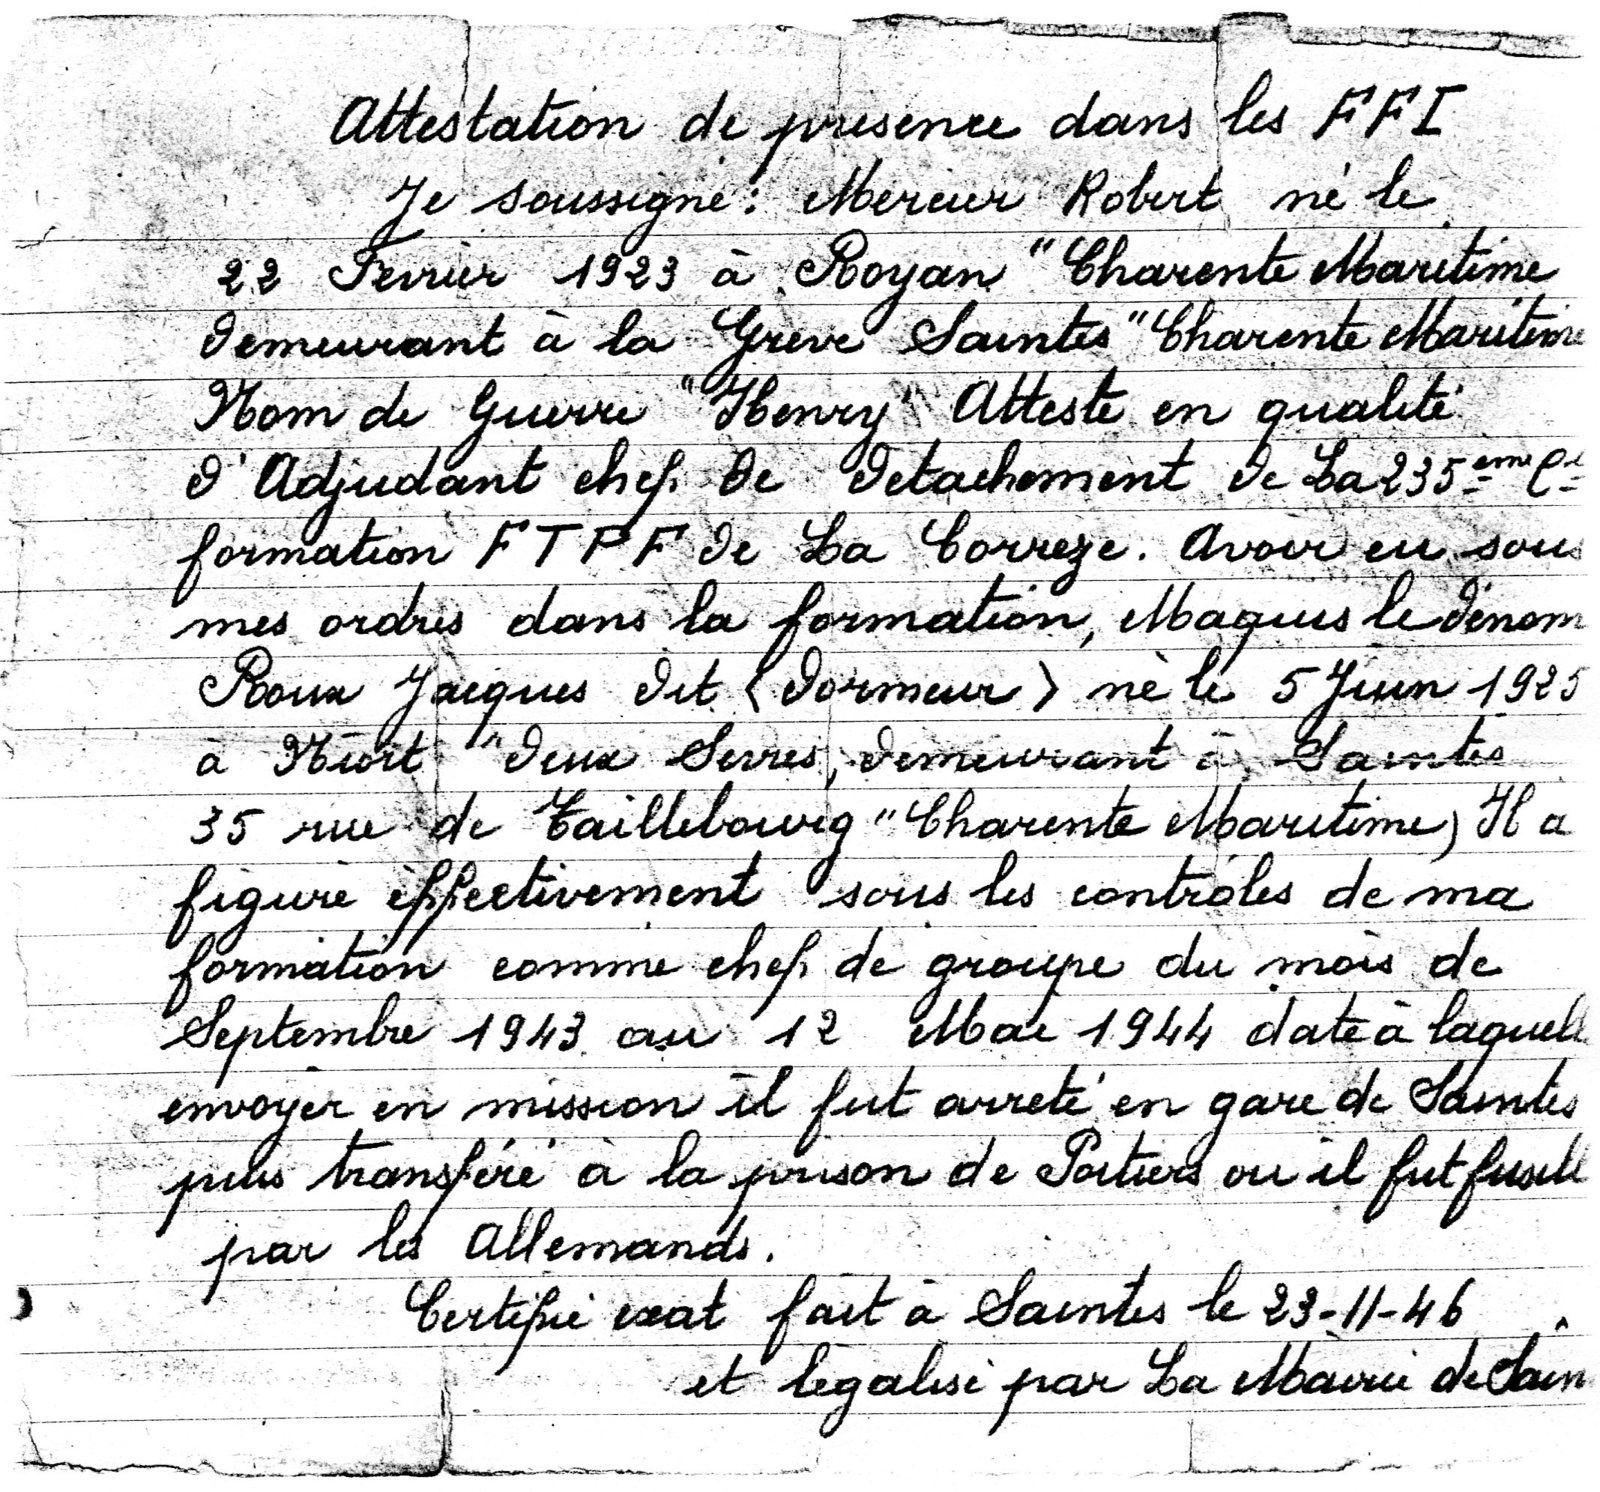 """Au cimetière St Vivien, Jacques repose dans le carré 5, sépulture 318, à l'ombre de notre drapeau tricolore. Sa mère, sa sœur, ont eu comme un fer rouge dans le cœur, comme l'avait déclaré Ginette Roux (épouse Millet) en 1997.... L'inspecteur de police P...... (condamné à perpétuité, mais il fera très peu de prison) aurait bien voulu le """" coincer sur le triage SNCF, mais ce ne fut que partie remise. jacques fut rattrapé par la police (S.A.P) et par les balles allemandes.... """" Mort pour la France.. sacrifice parallèle aux héros de Normandie """""""